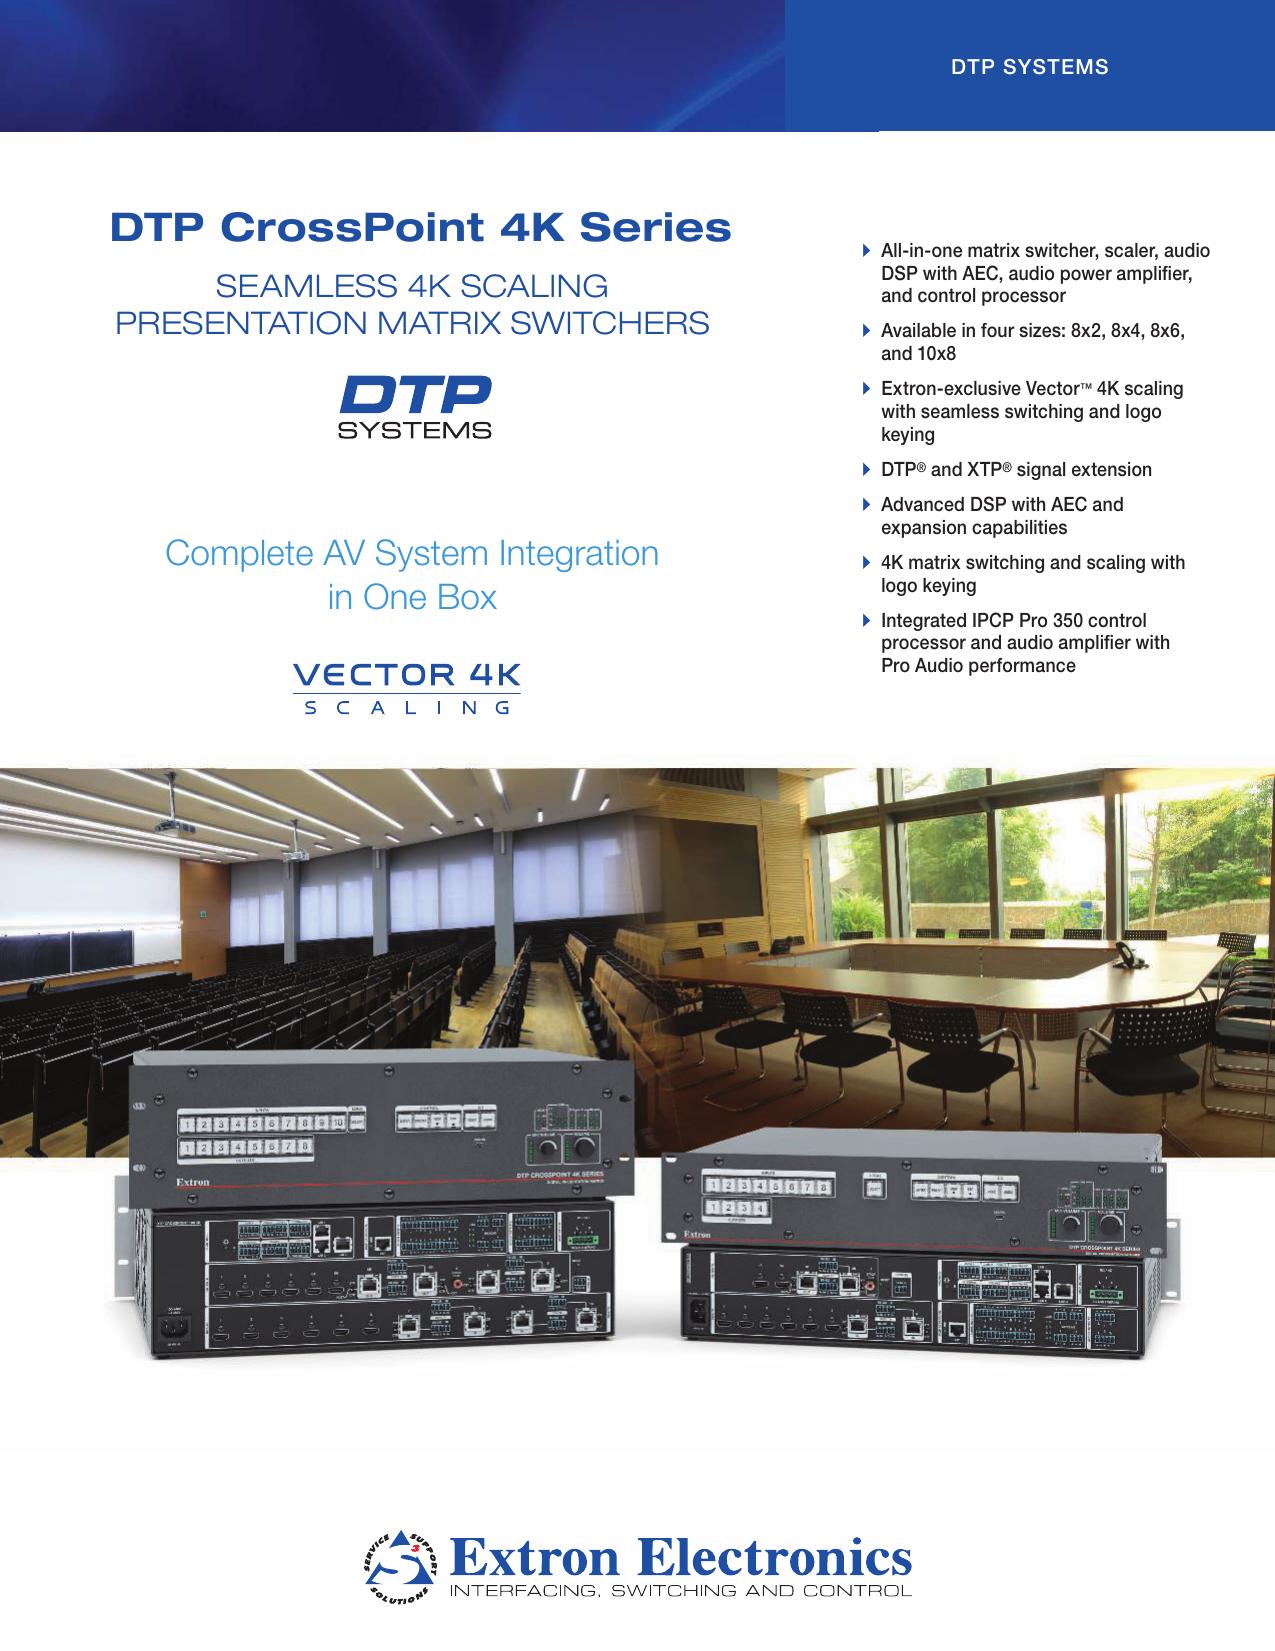 DTP CrossPoint Series 4K - EQ   manualzz com